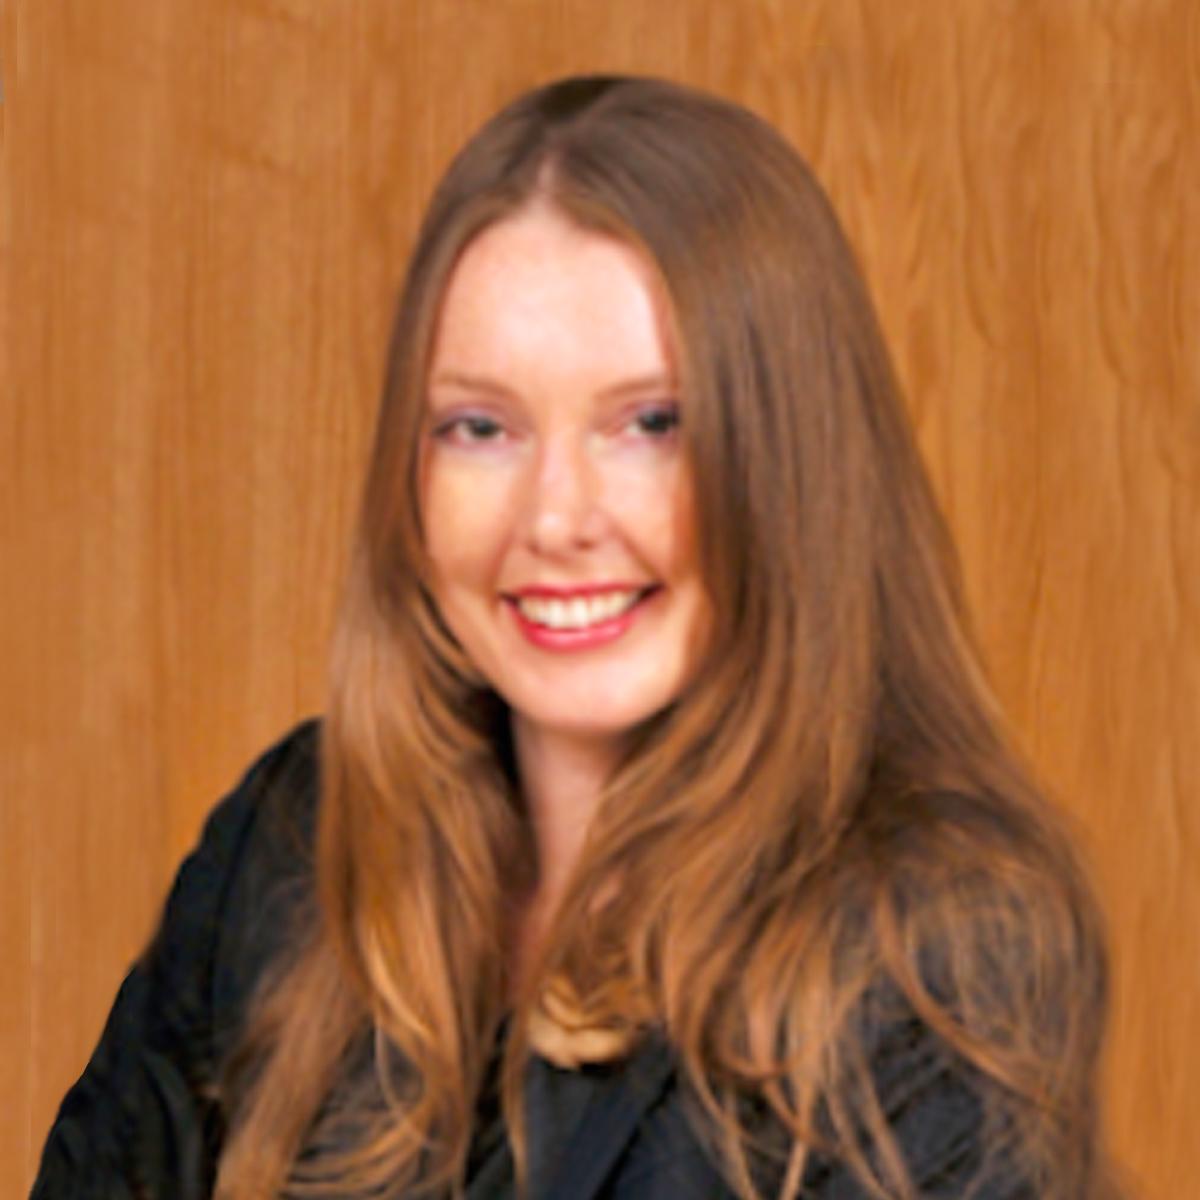 Shannon Fogh